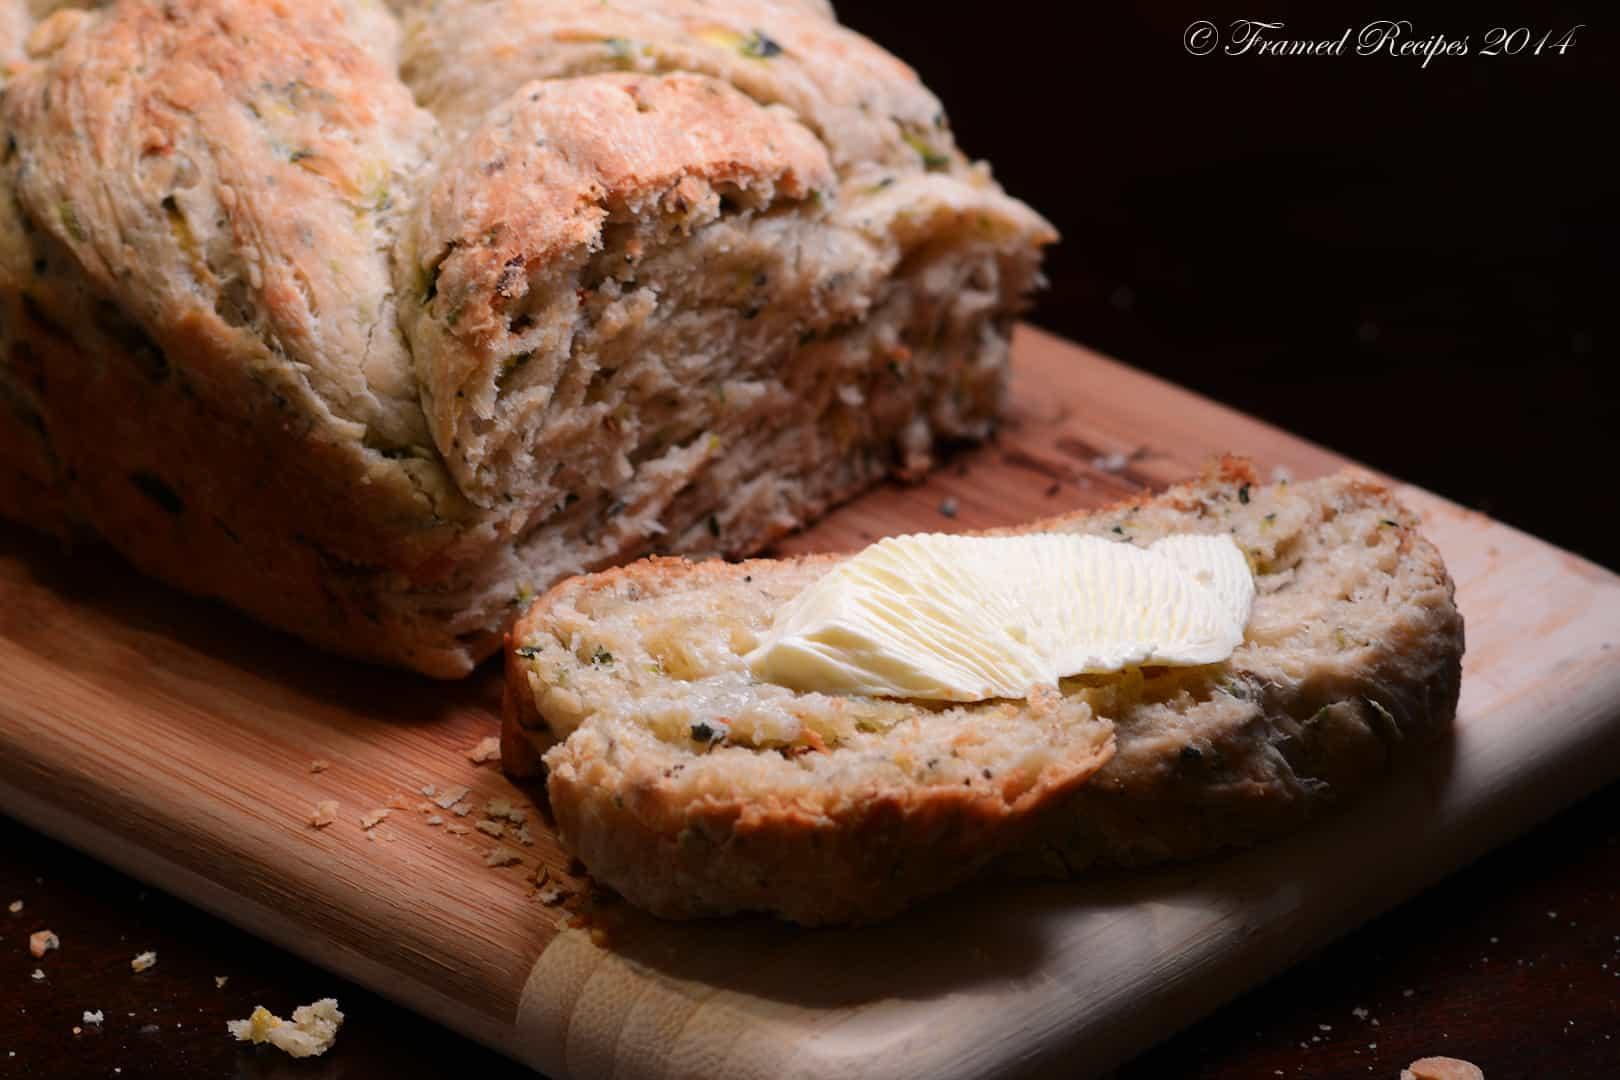 DSC_4212_Zuchini_Bread_Sliced